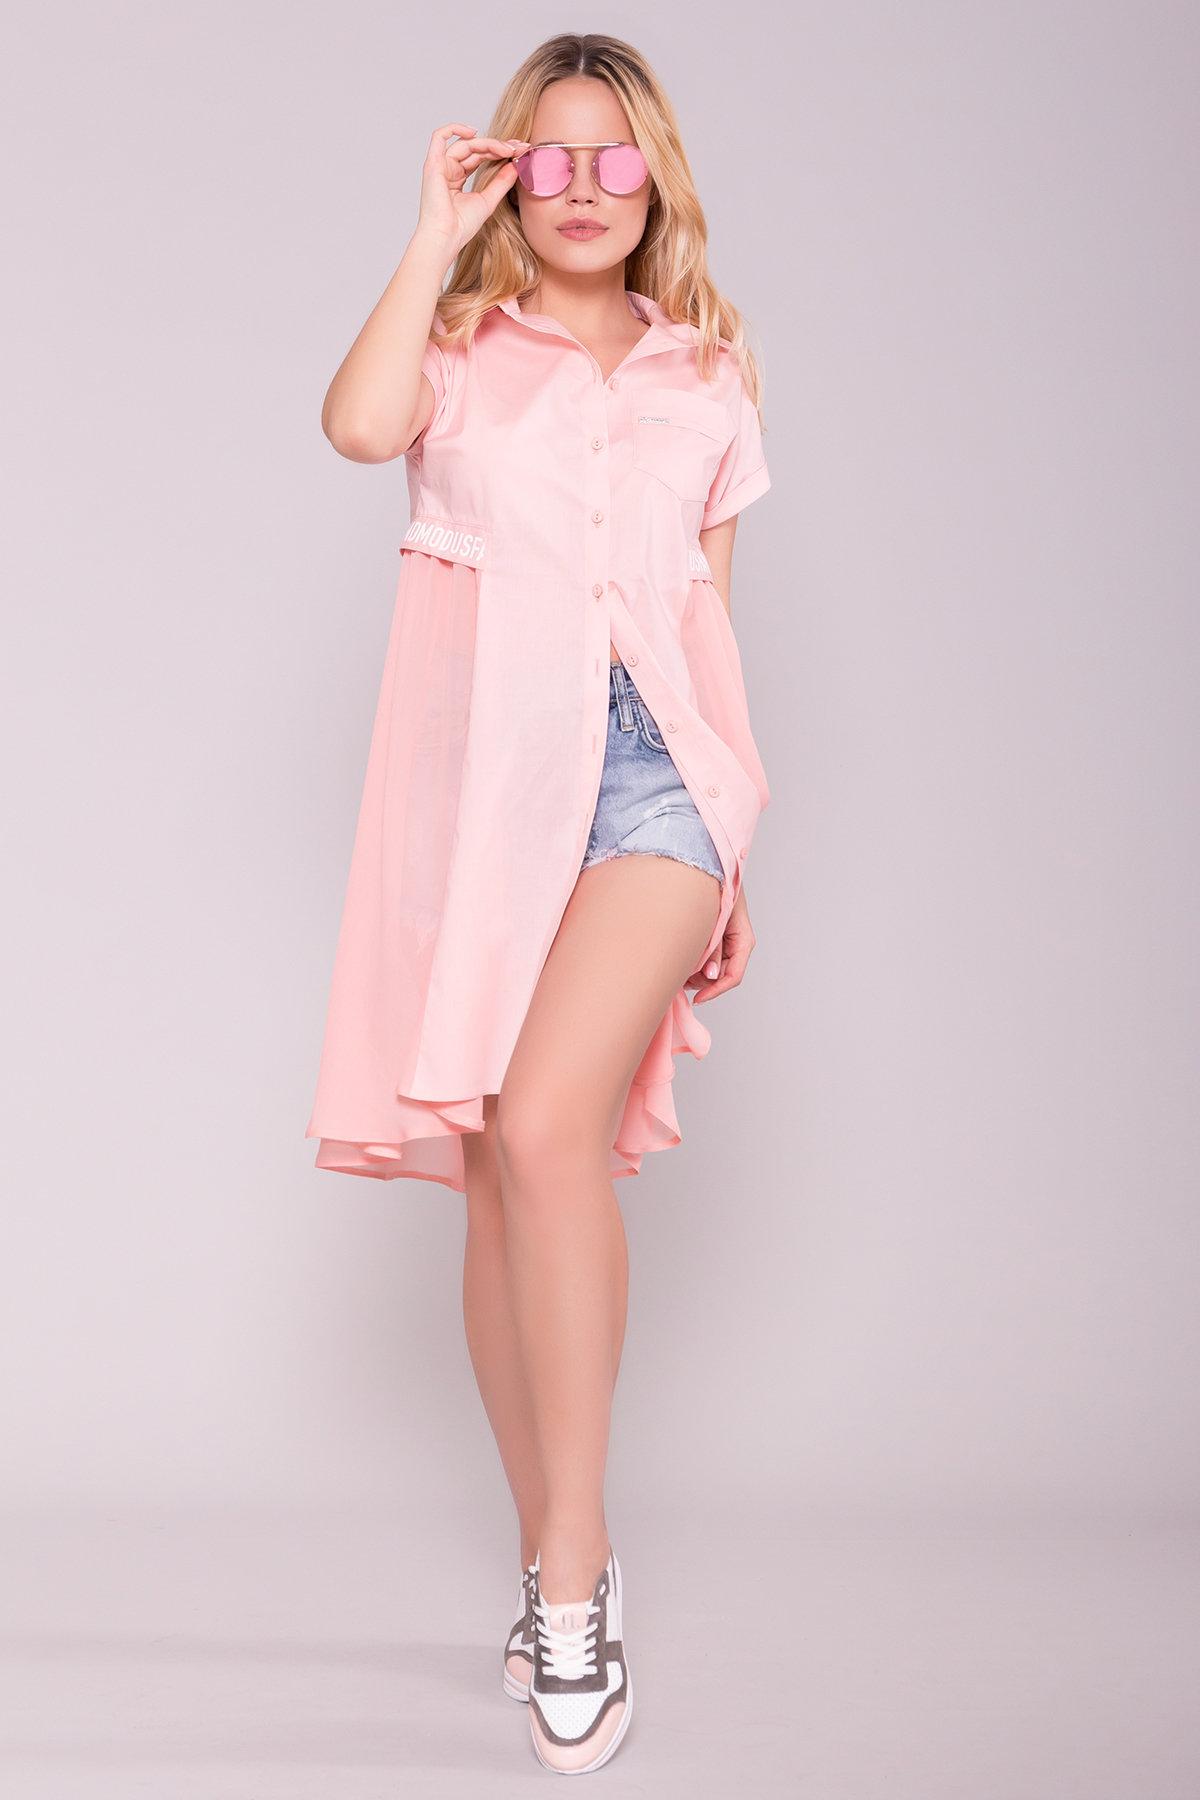 Платье-рубашка Саби  7268 АРТ. 42848 Цвет: Пудра - фото 3, интернет магазин tm-modus.ru